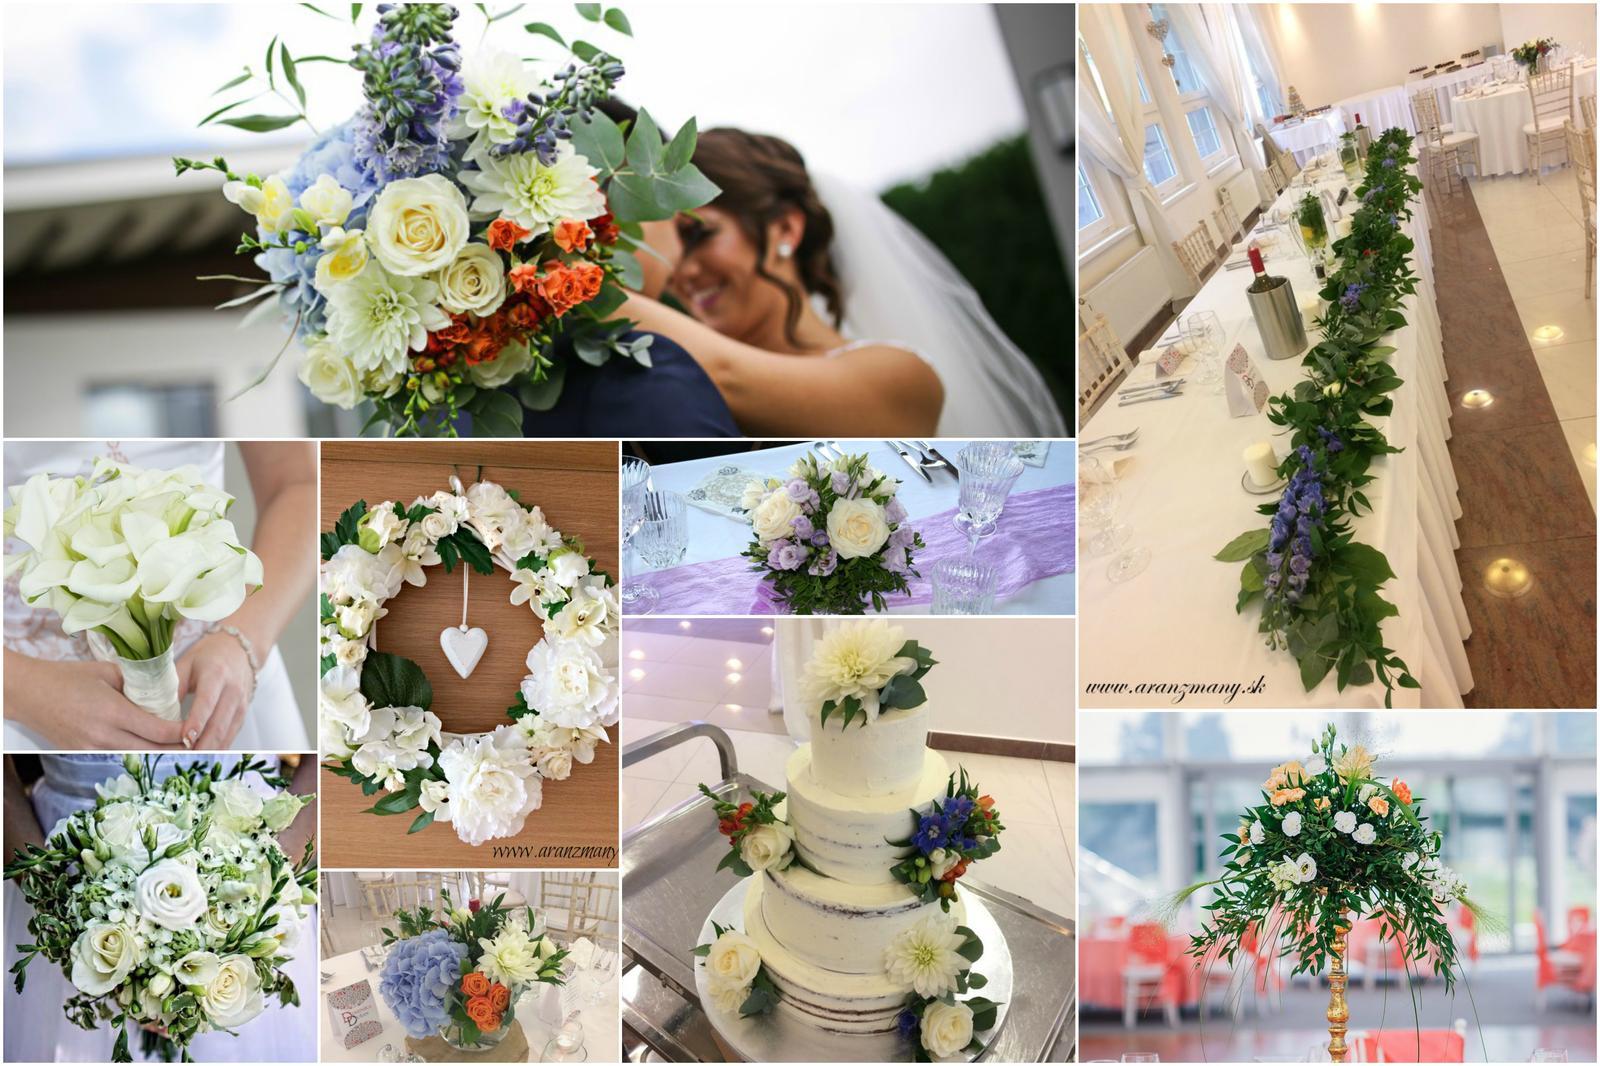 Svadby,svadbičky - Obrázok č. 2